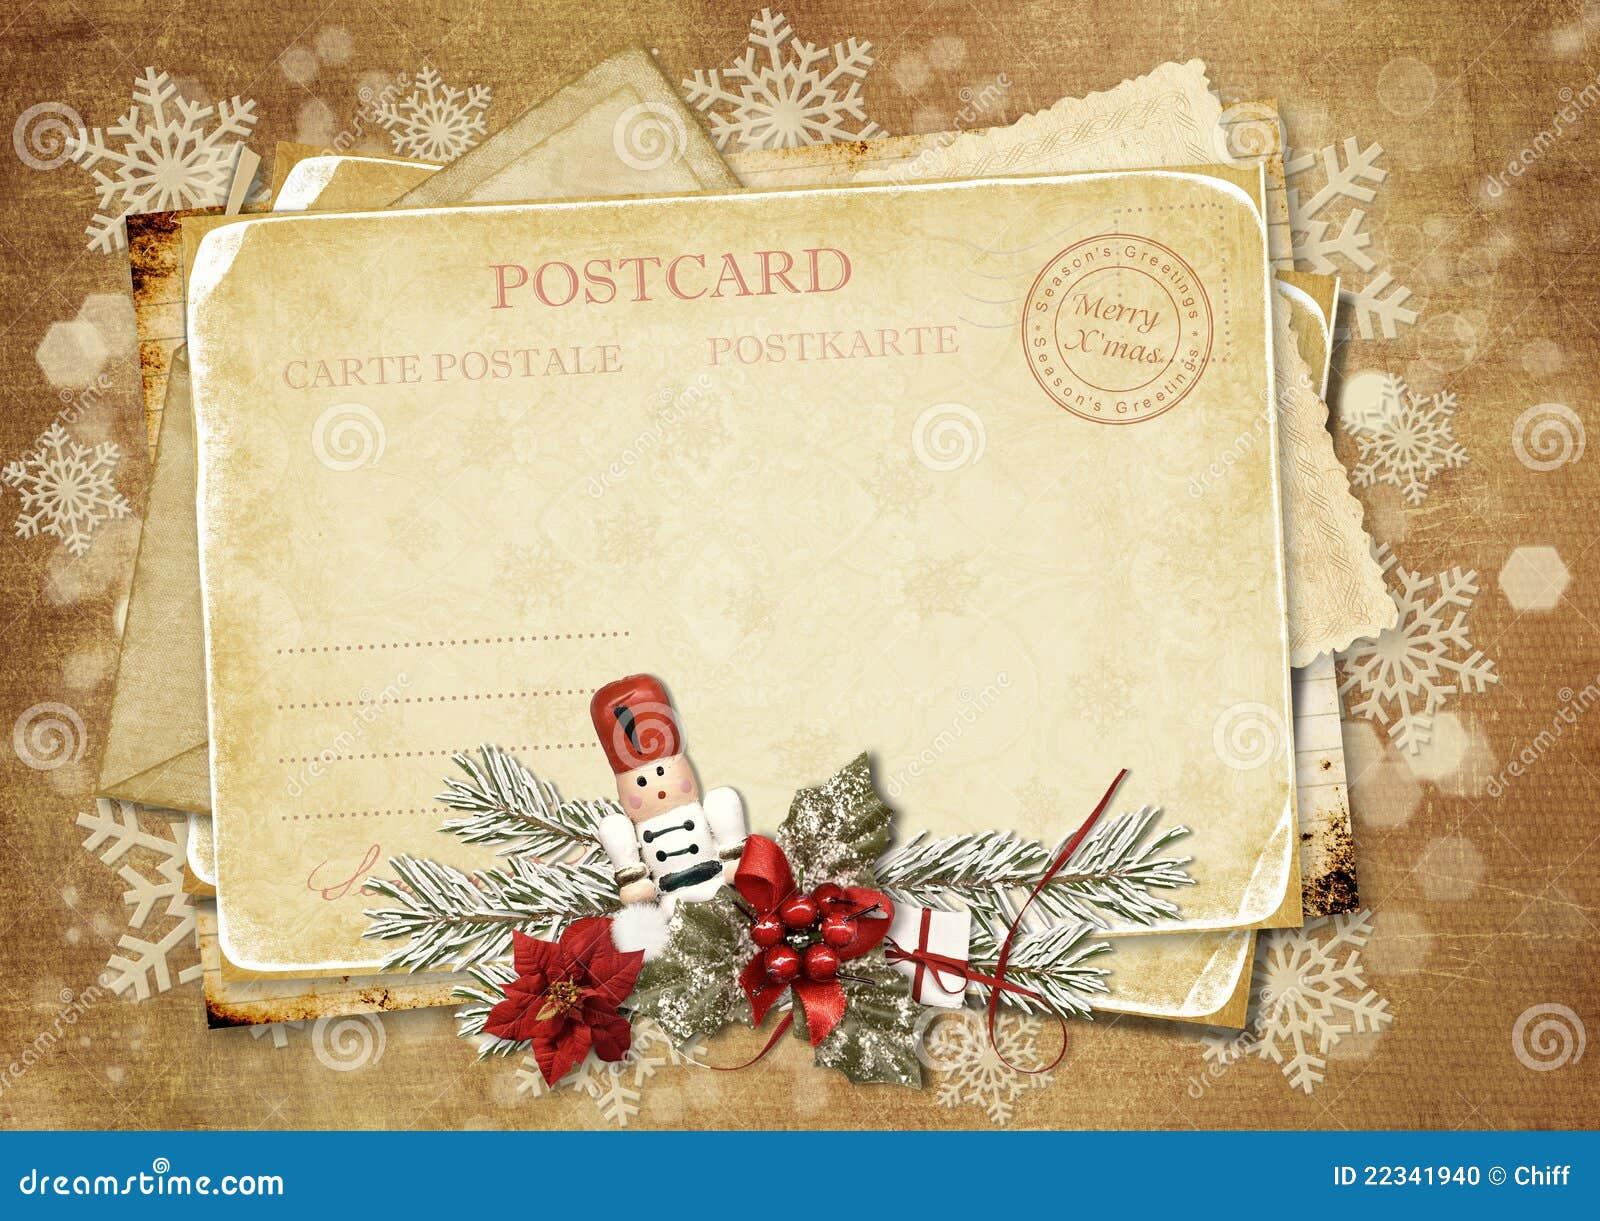 Старые рождественские открытки (91 фото) 70